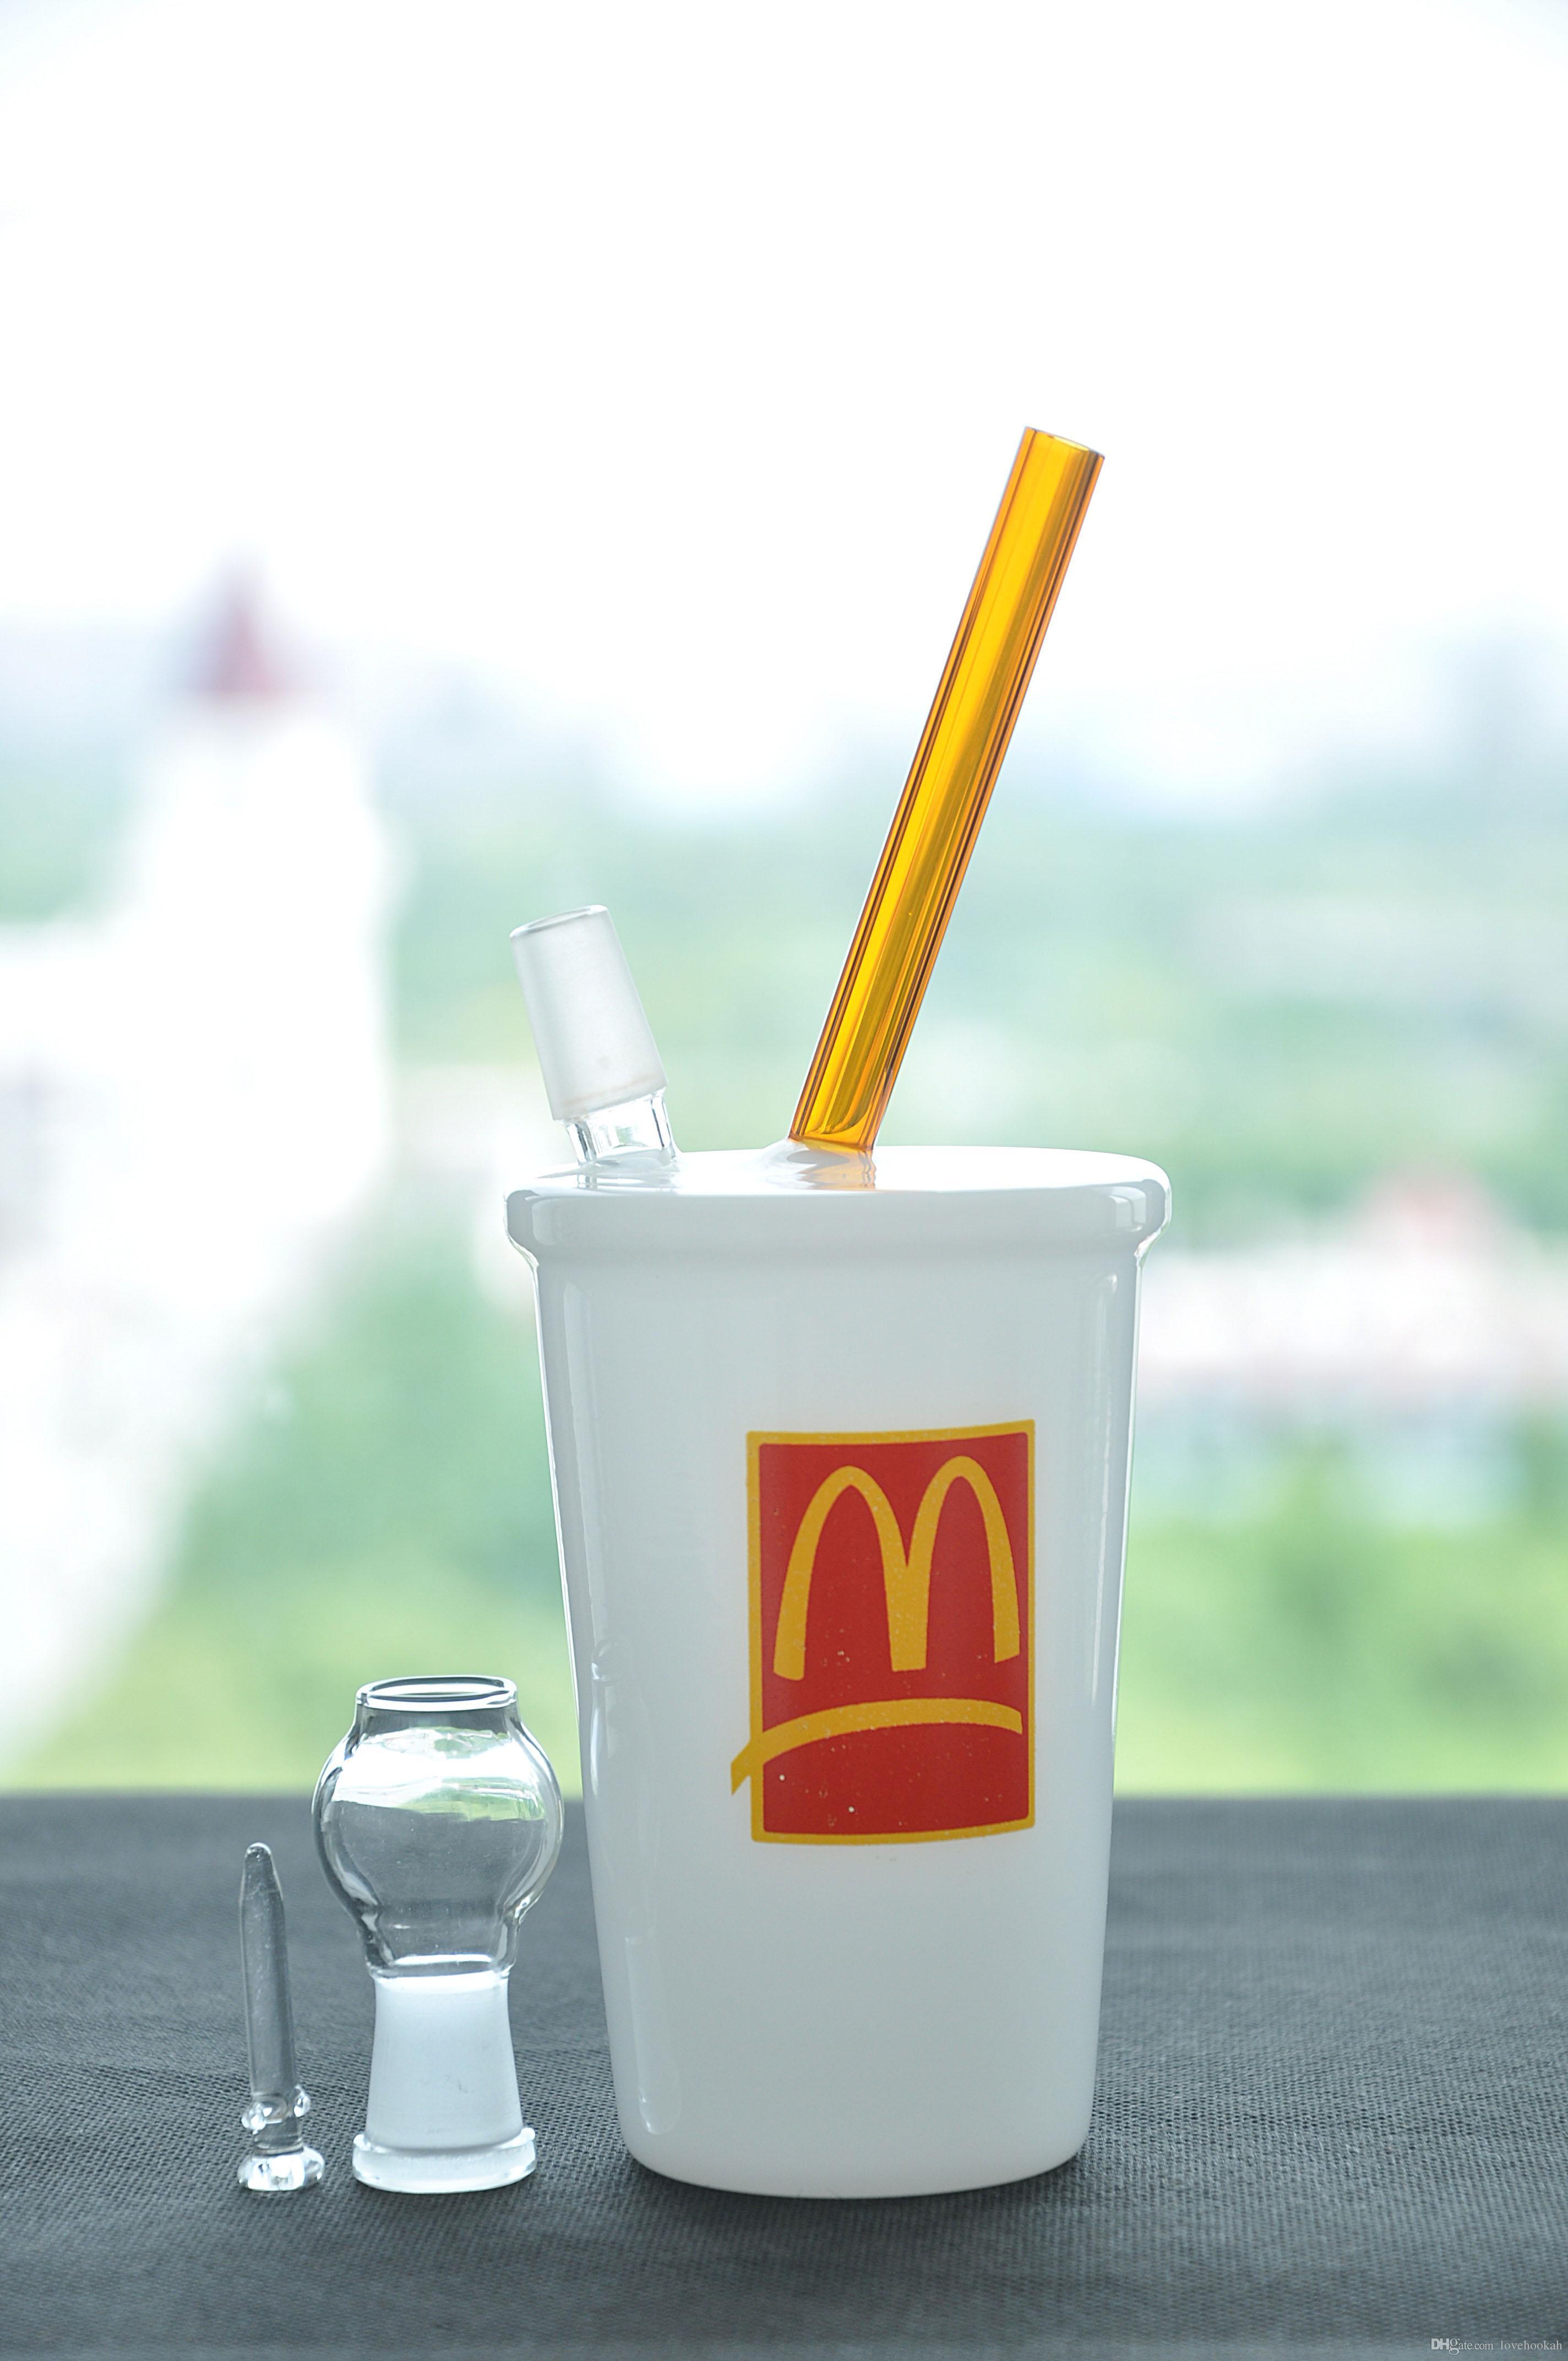 Coppa acqua tubo bianco vetro Bong bella fumo tubo economico narghilè Rig McDonald 'logo con paglia